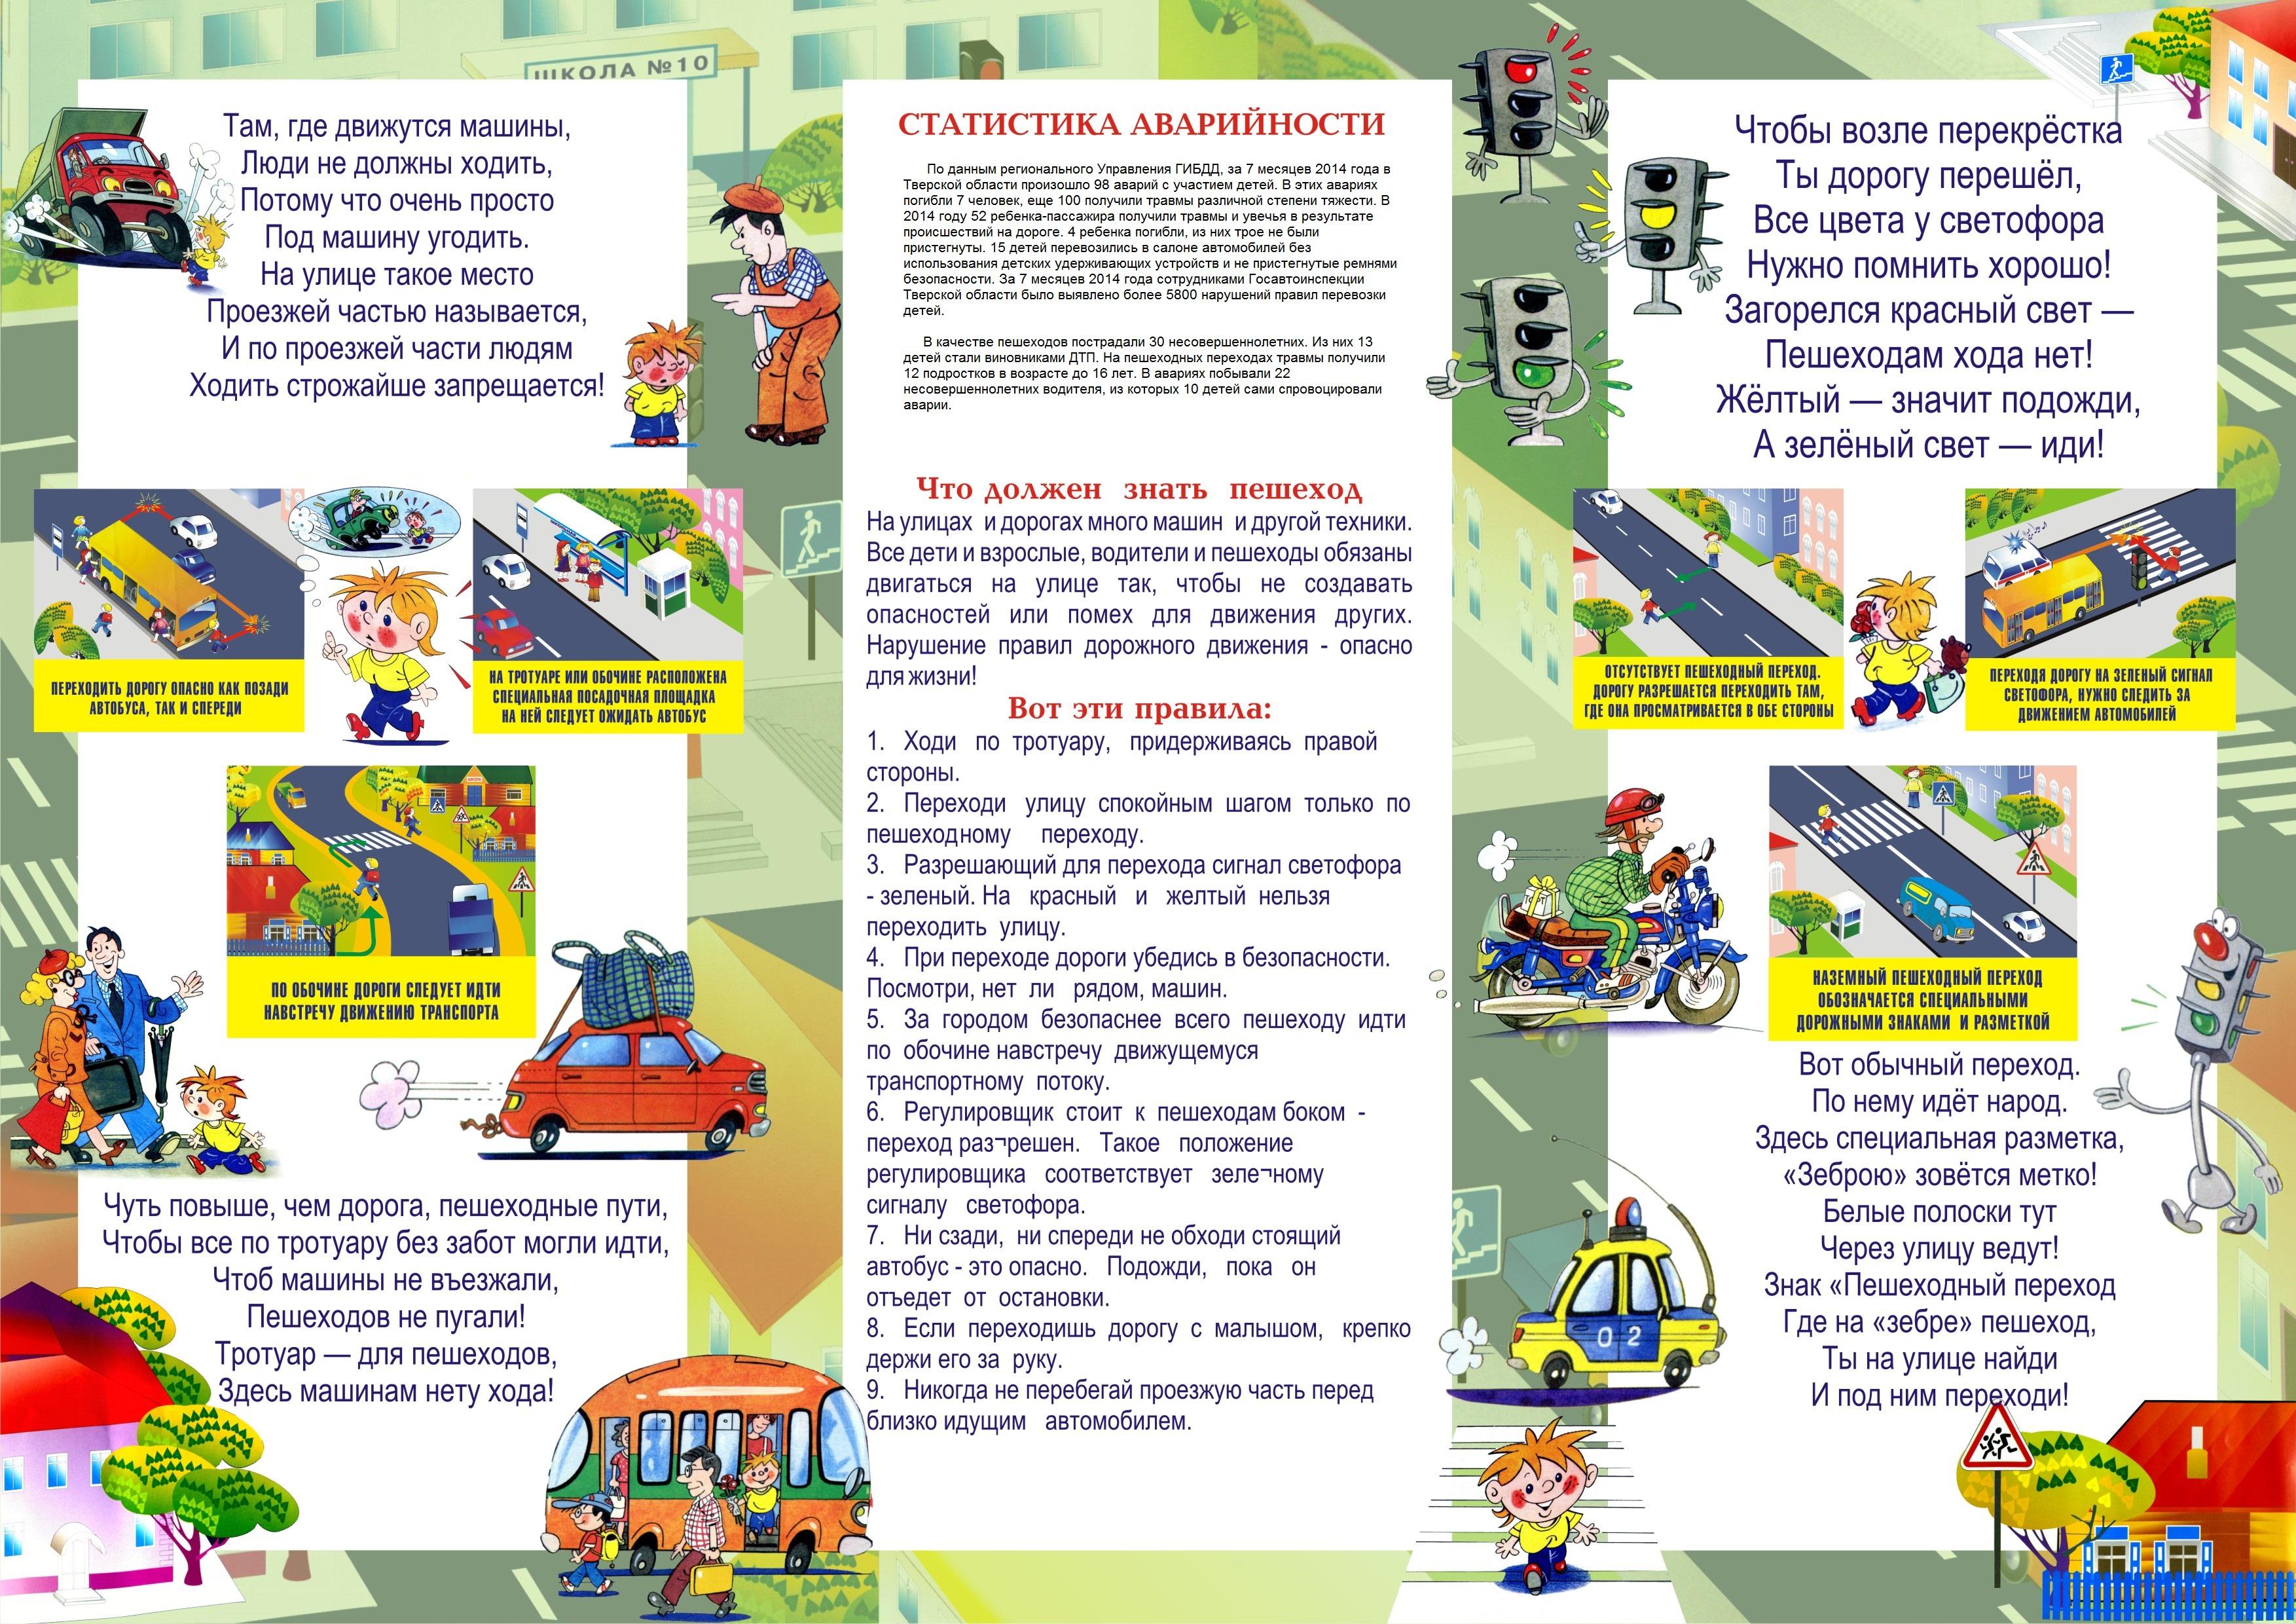 Сохранение здоровья на дороге плакат 12 фотография